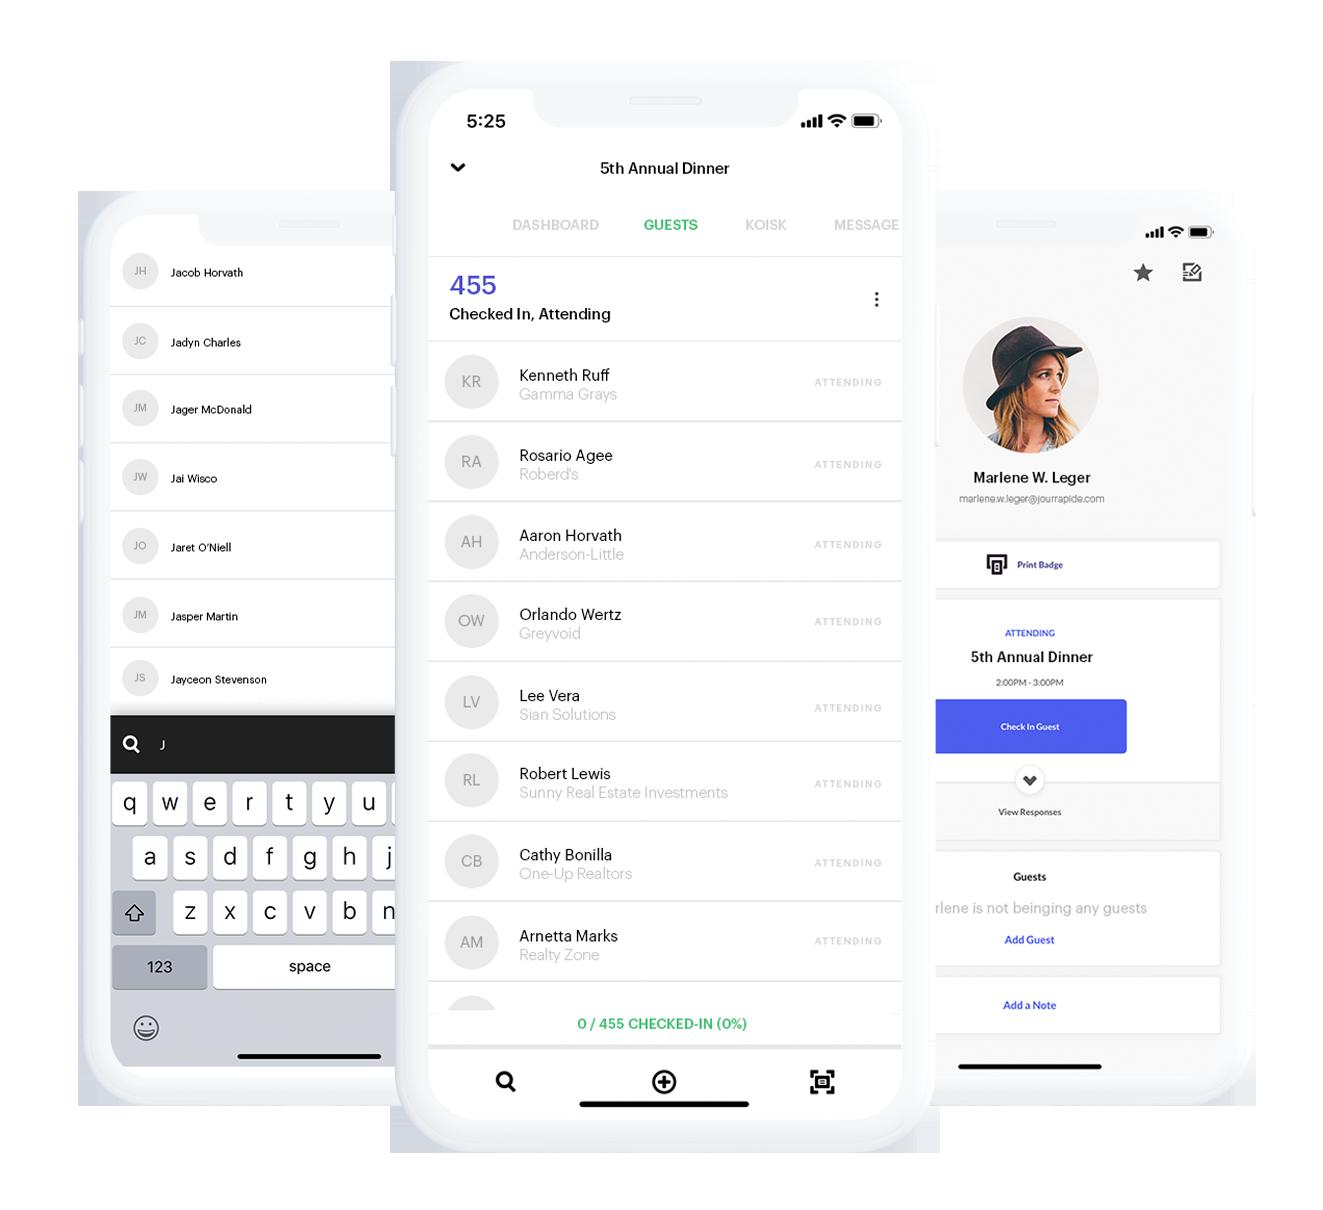 Mobile Event Check-in App - Splash